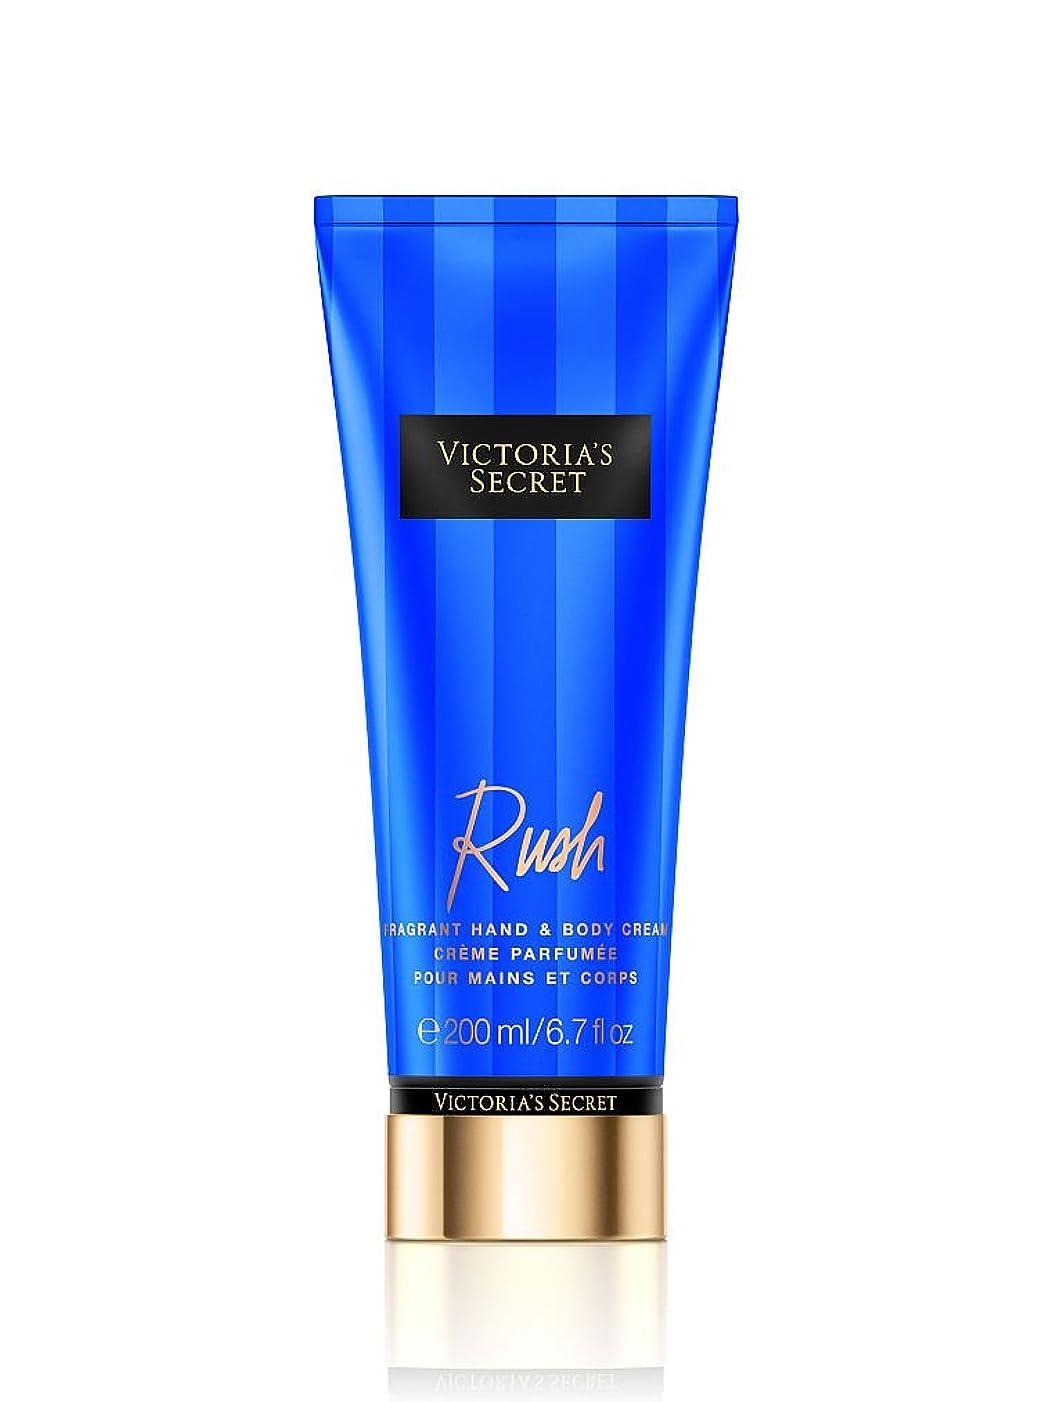 格納気になるデクリメントVictoria's Secret ヴィクトリアシークレット Rush Fragrant Hand & Body Cream フレグランス ハンド & ボディークリーム ラッシュ 200ml [並行輸入品]